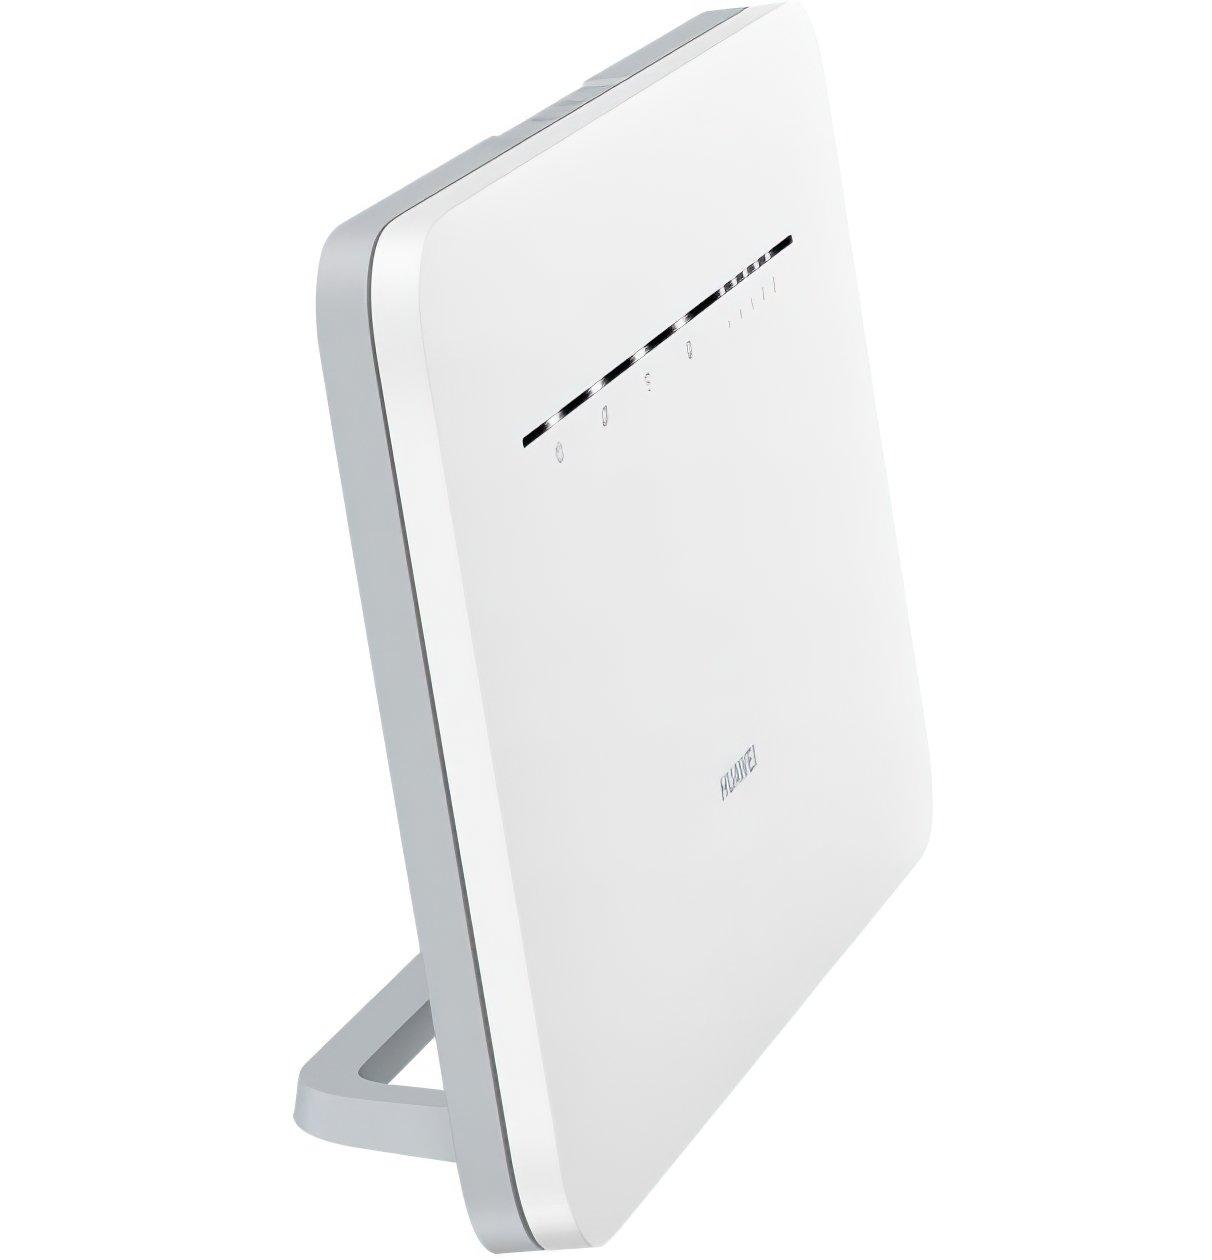 Роутер HUAWEI B535-232 4G WiFi White фото4